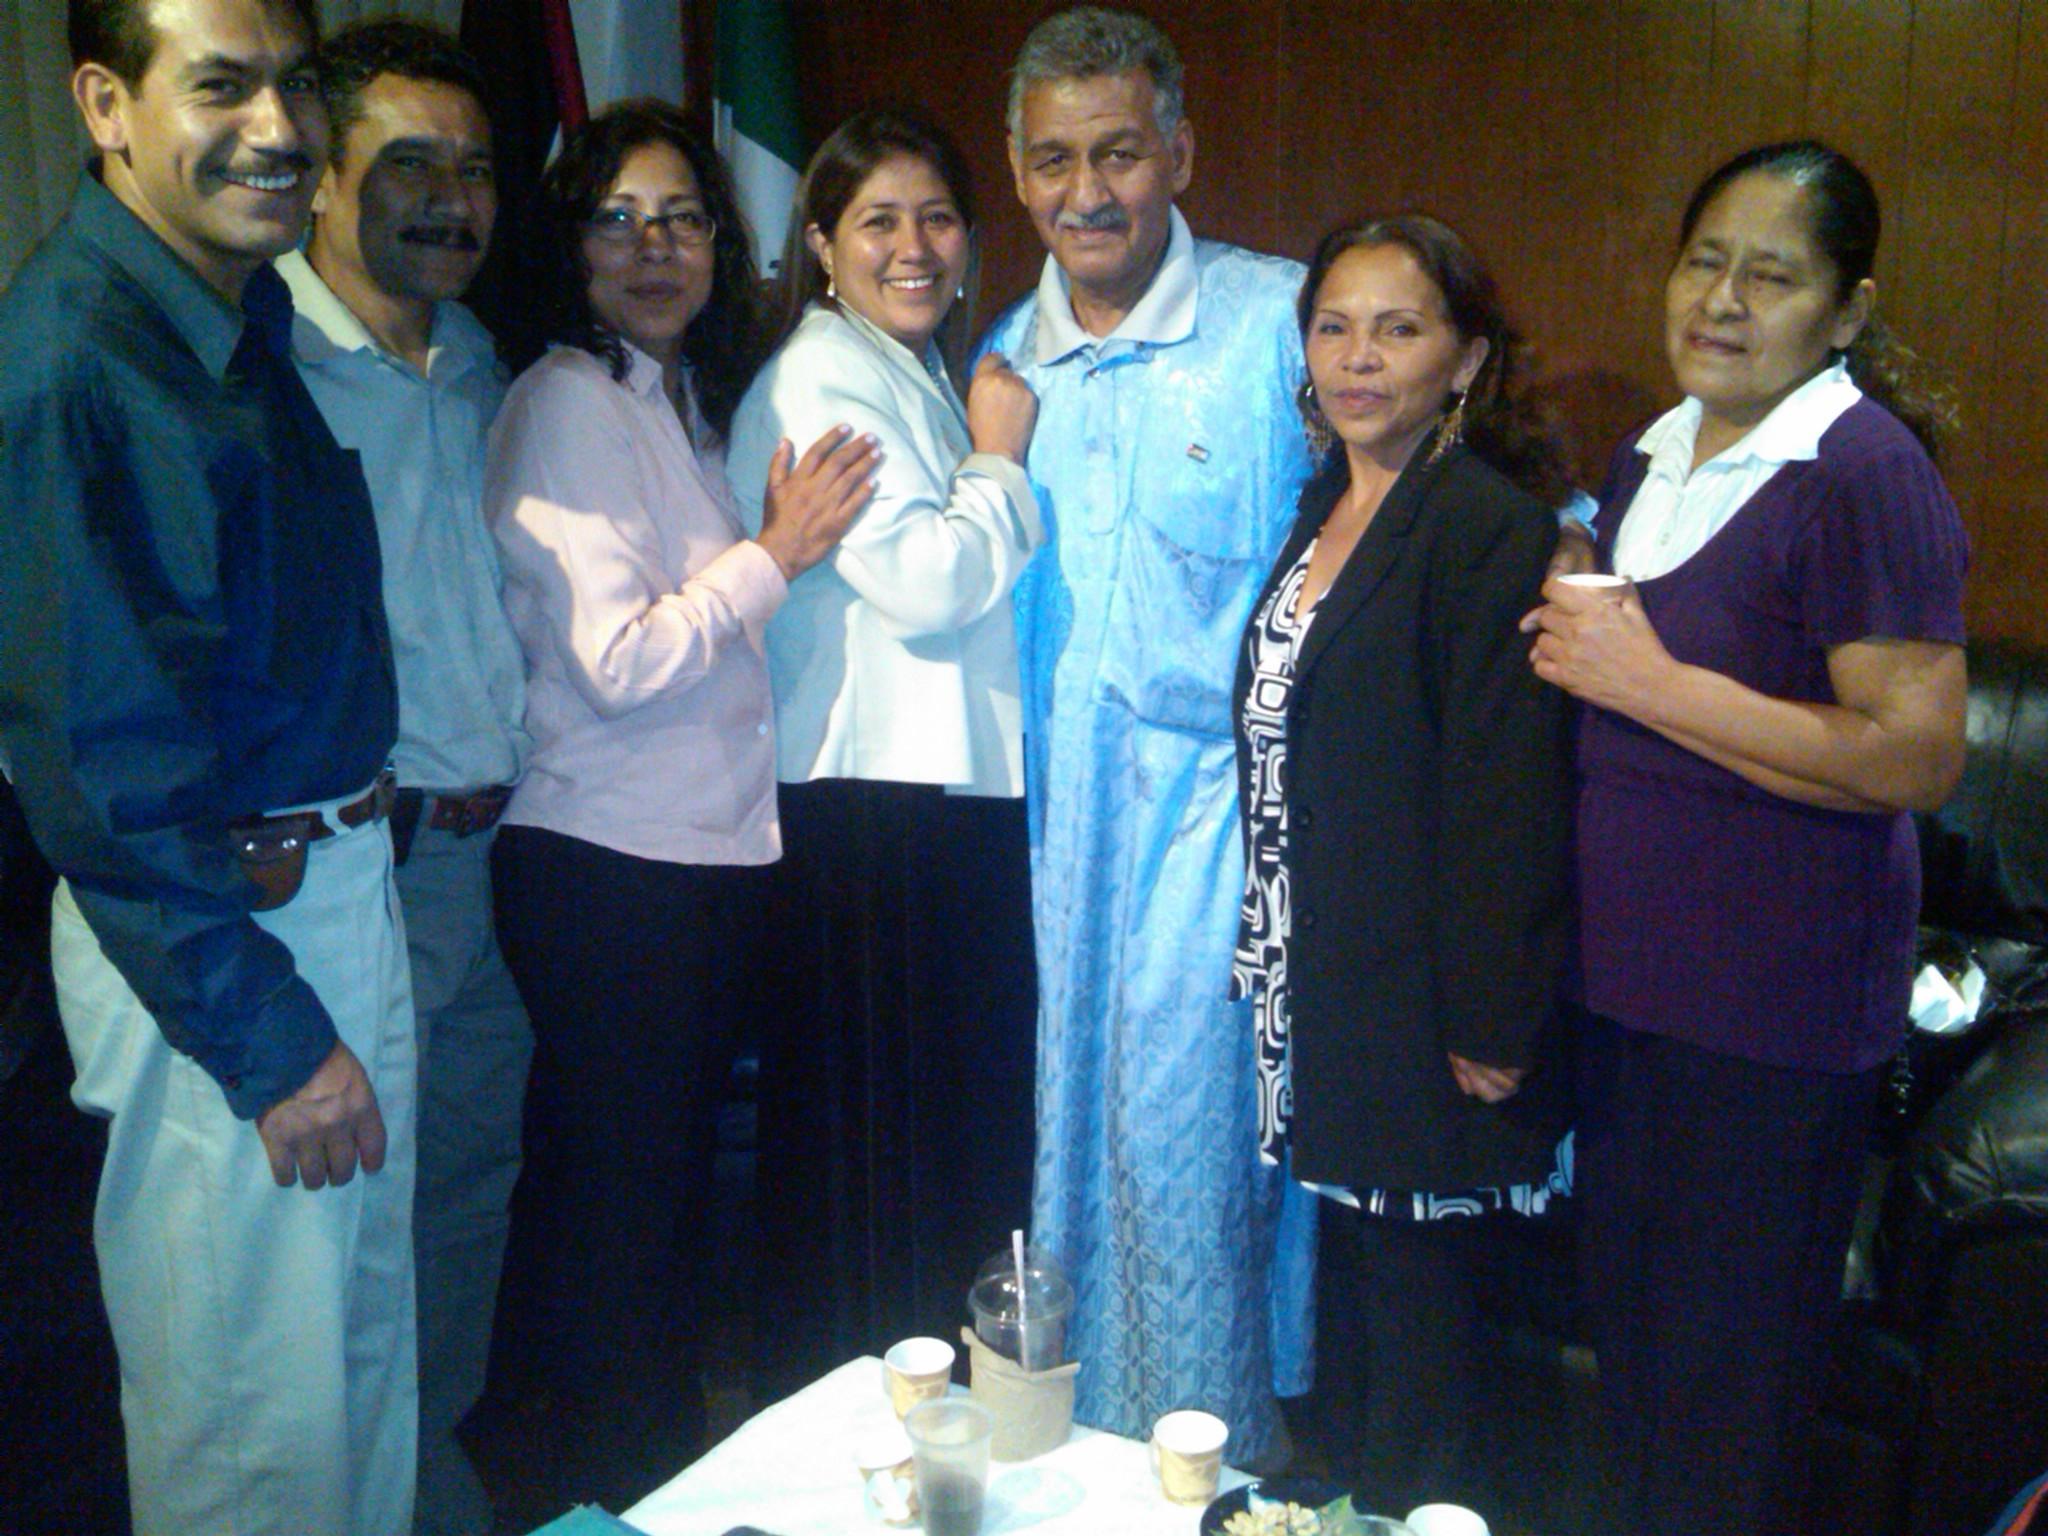 Educación_intercultural,_grupo_de_amistad_de_la_República_Árabe_Saharaui_Democrática_2